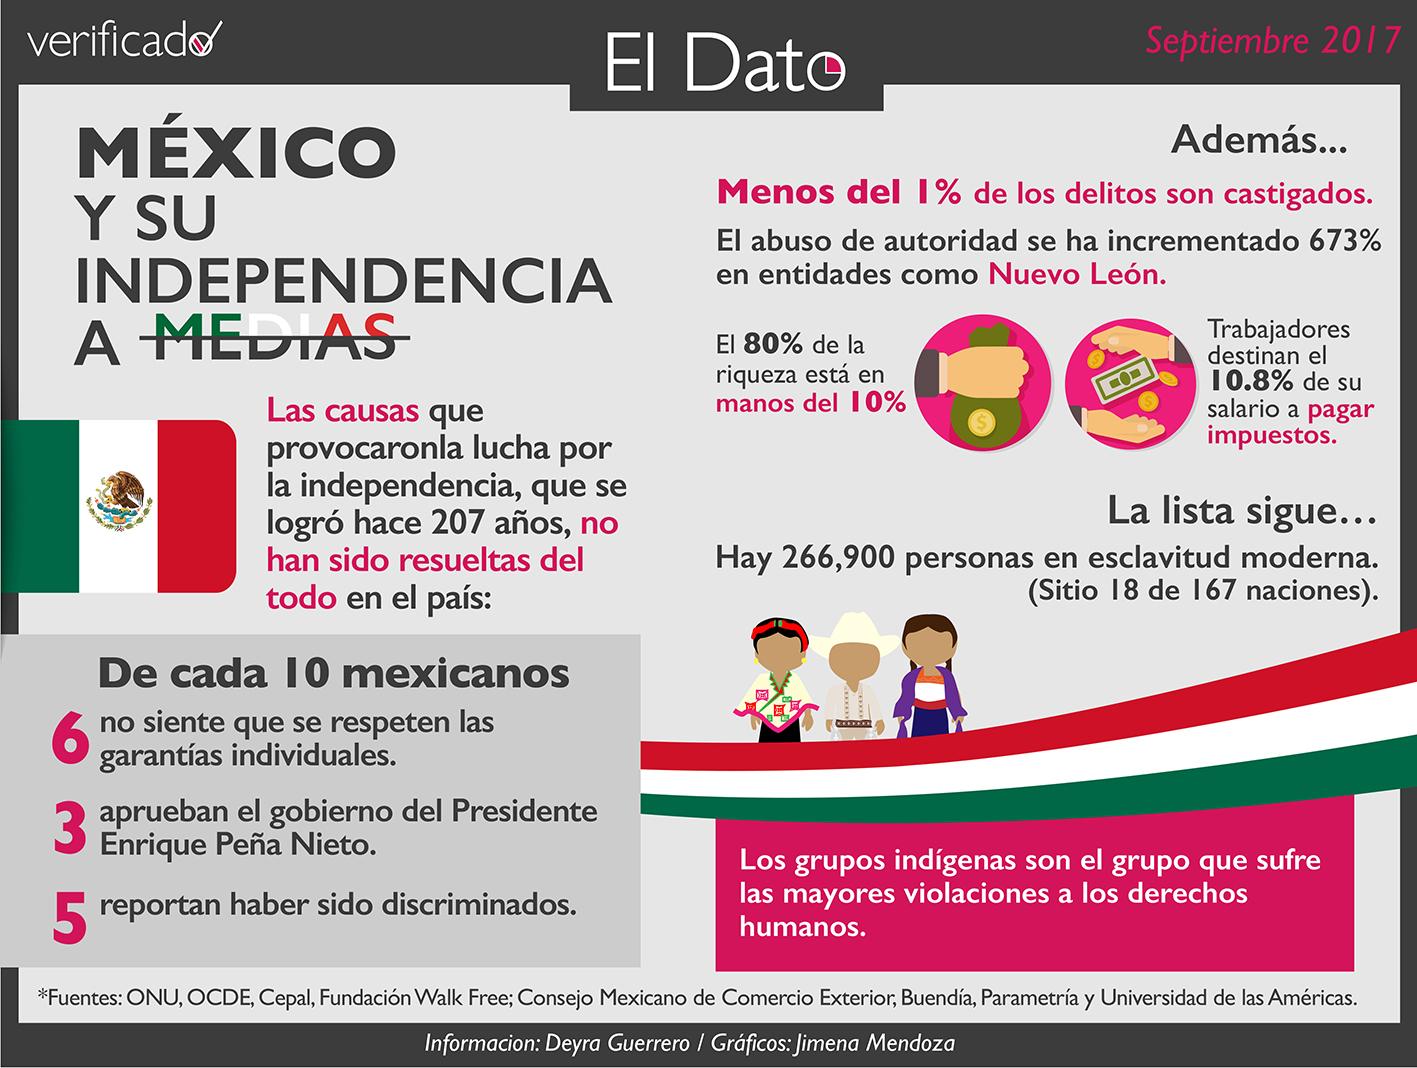 México y su Independencia a Medias